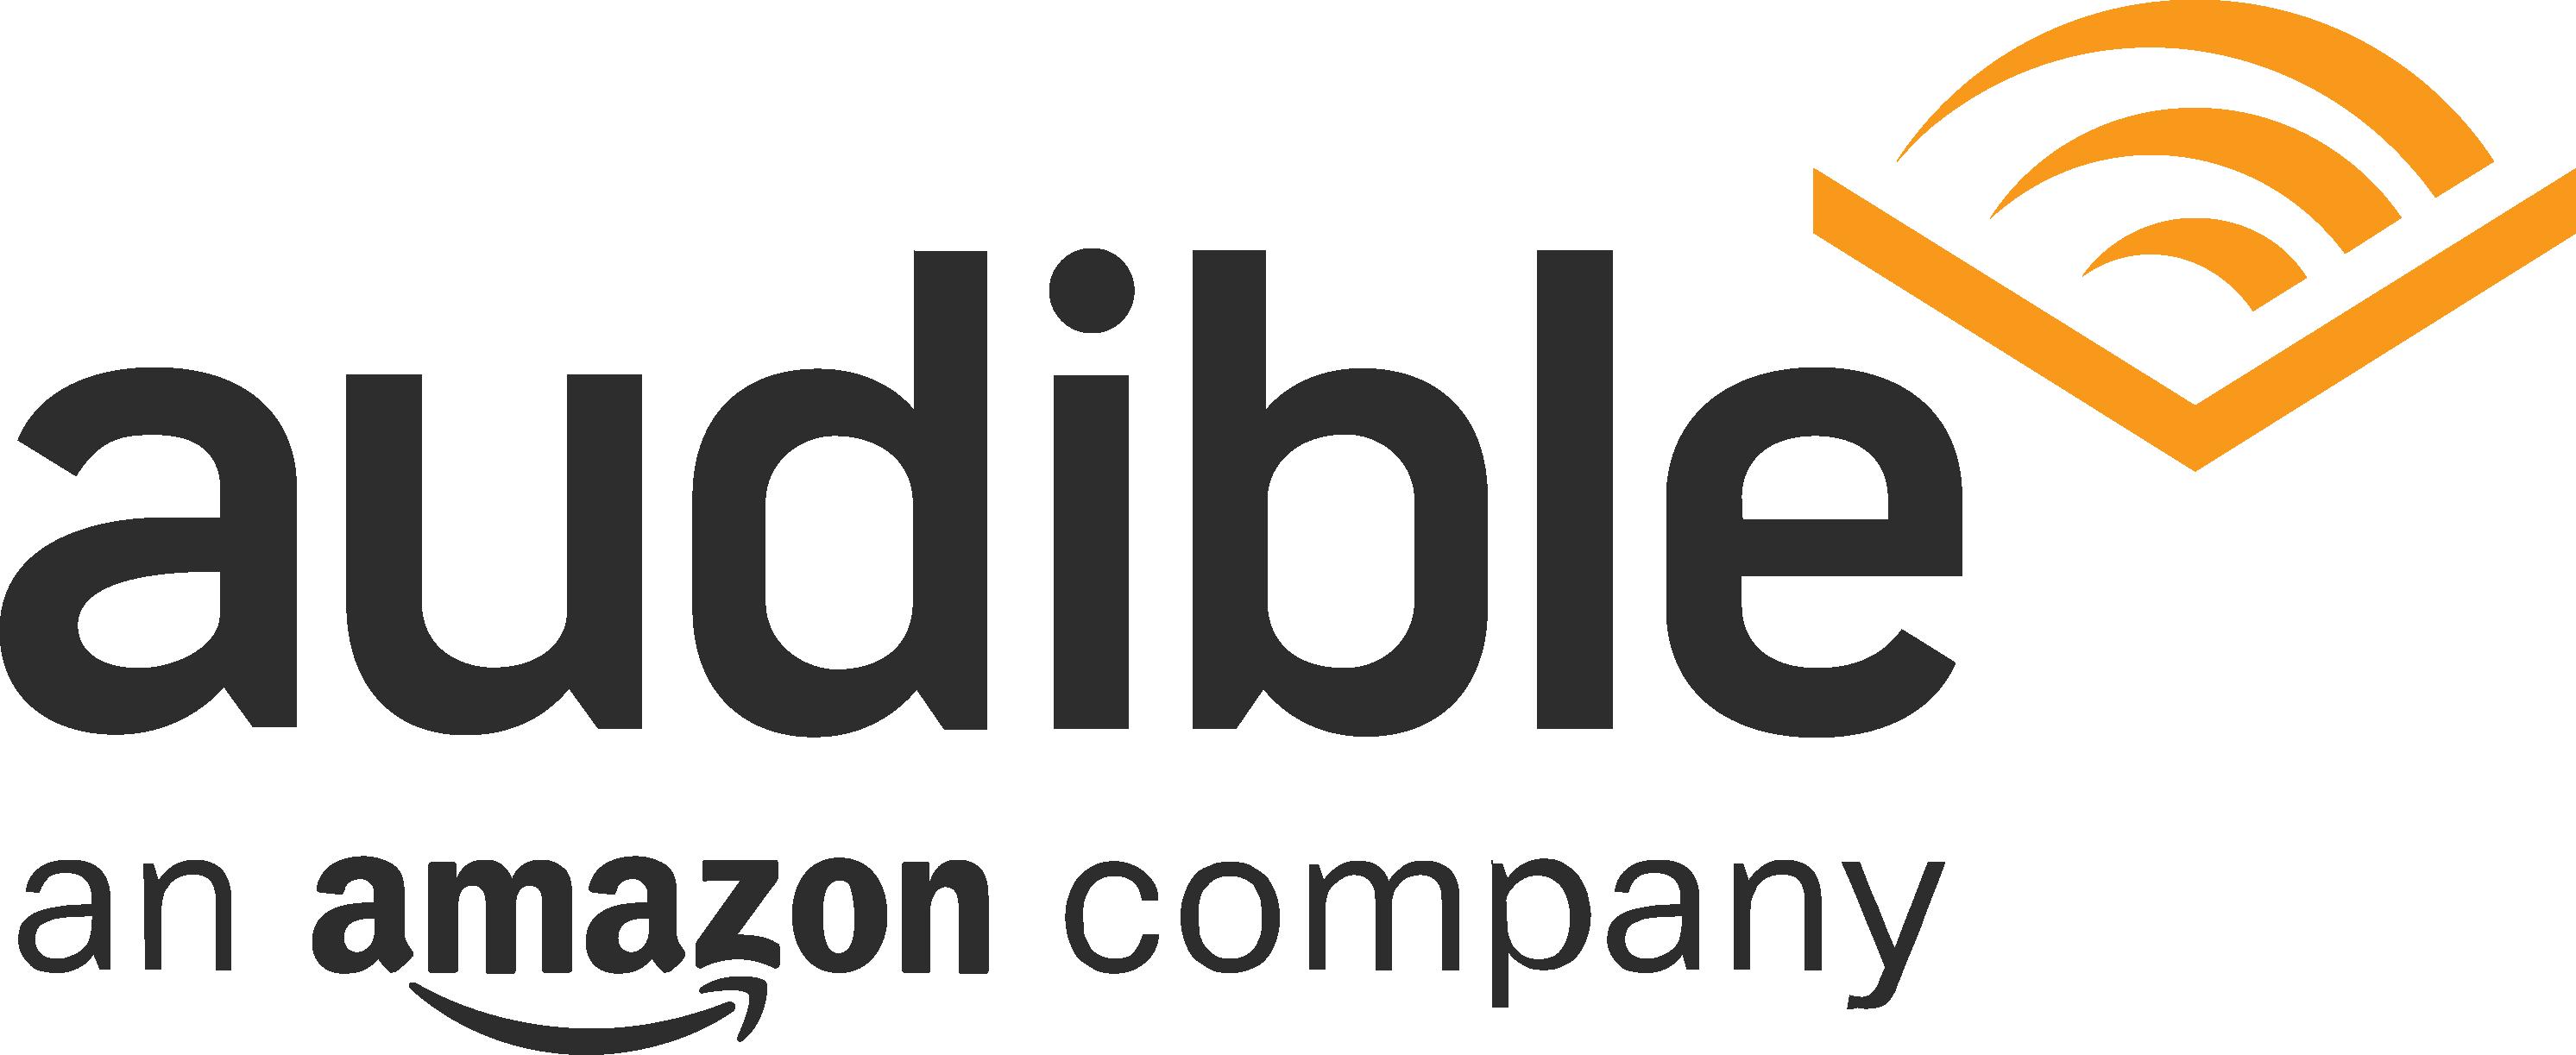 Audible Logo Png Svg Download